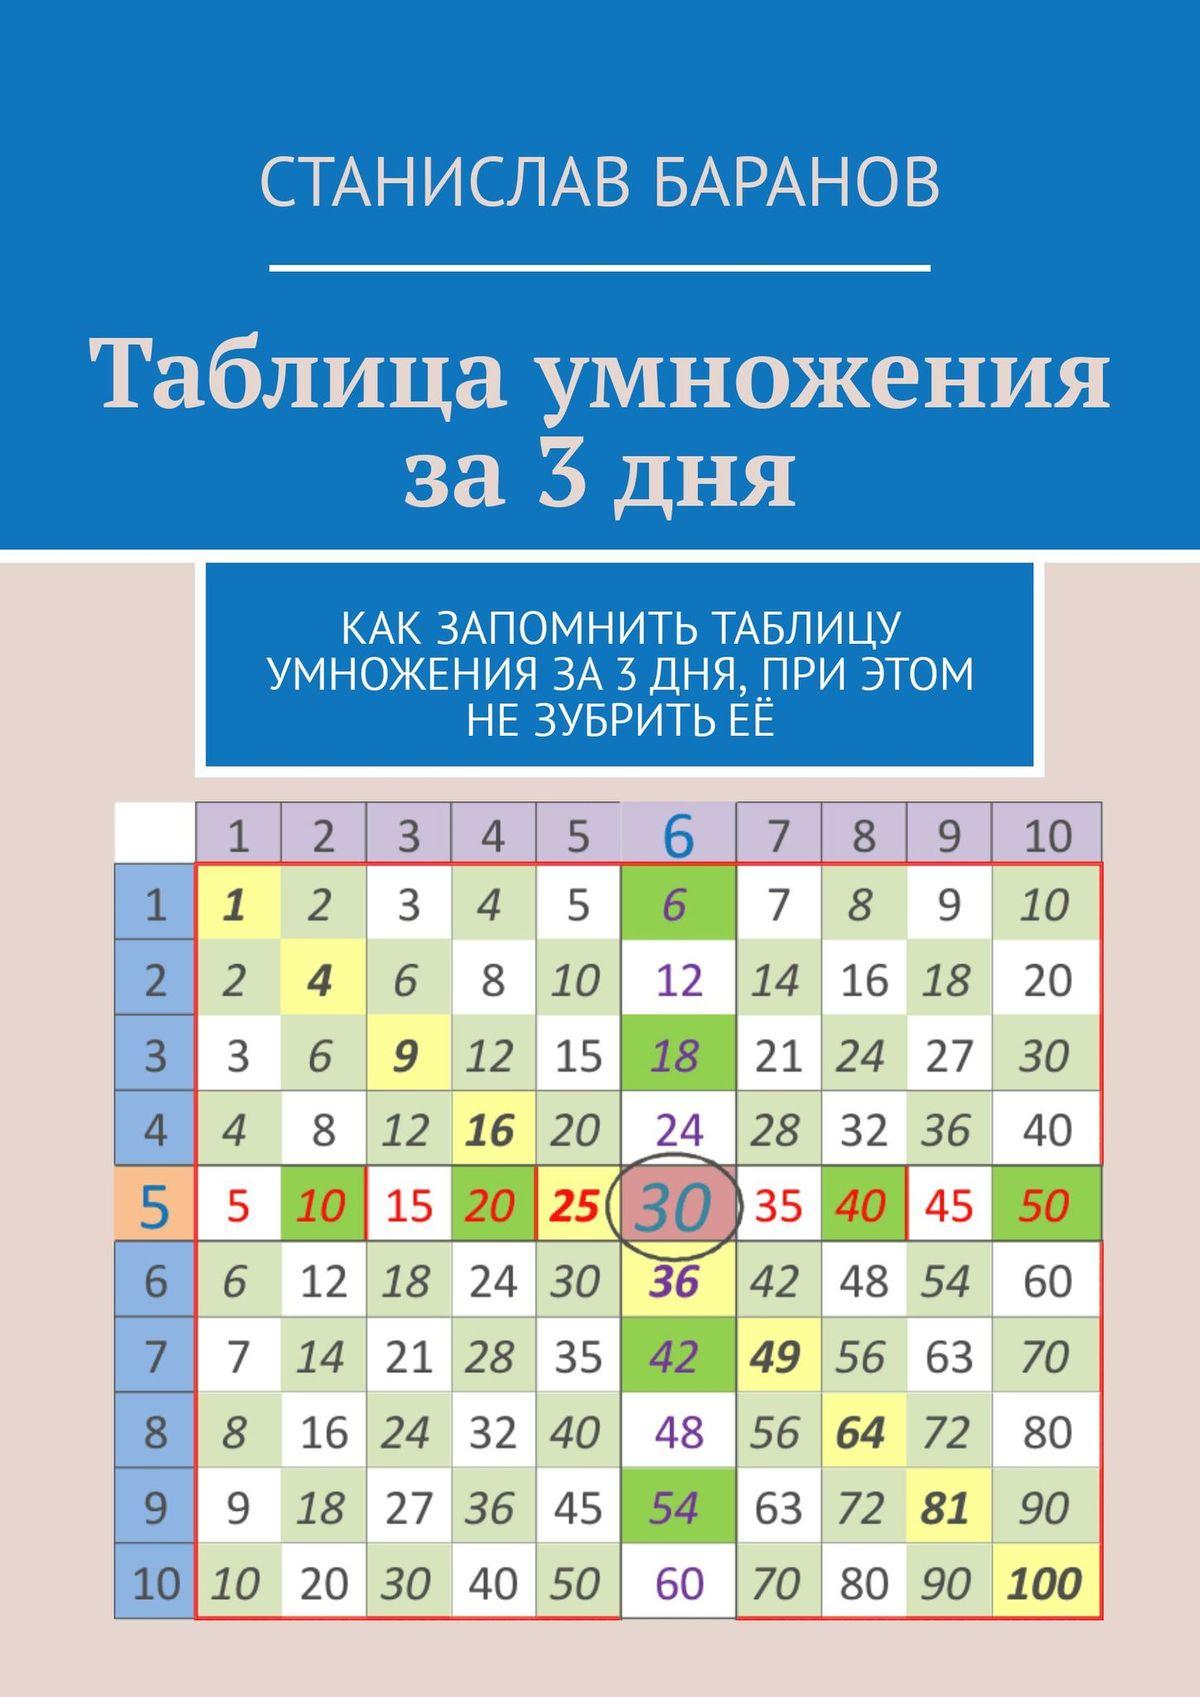 Станислав Баранов Таблица умножения за3дня. Как запомнить таблицу умножения за3 дня, при этом незубритьеё беденко марк васильевич смекай виталий таблица умножения без напряжения рабочая тетрадь 3 класс